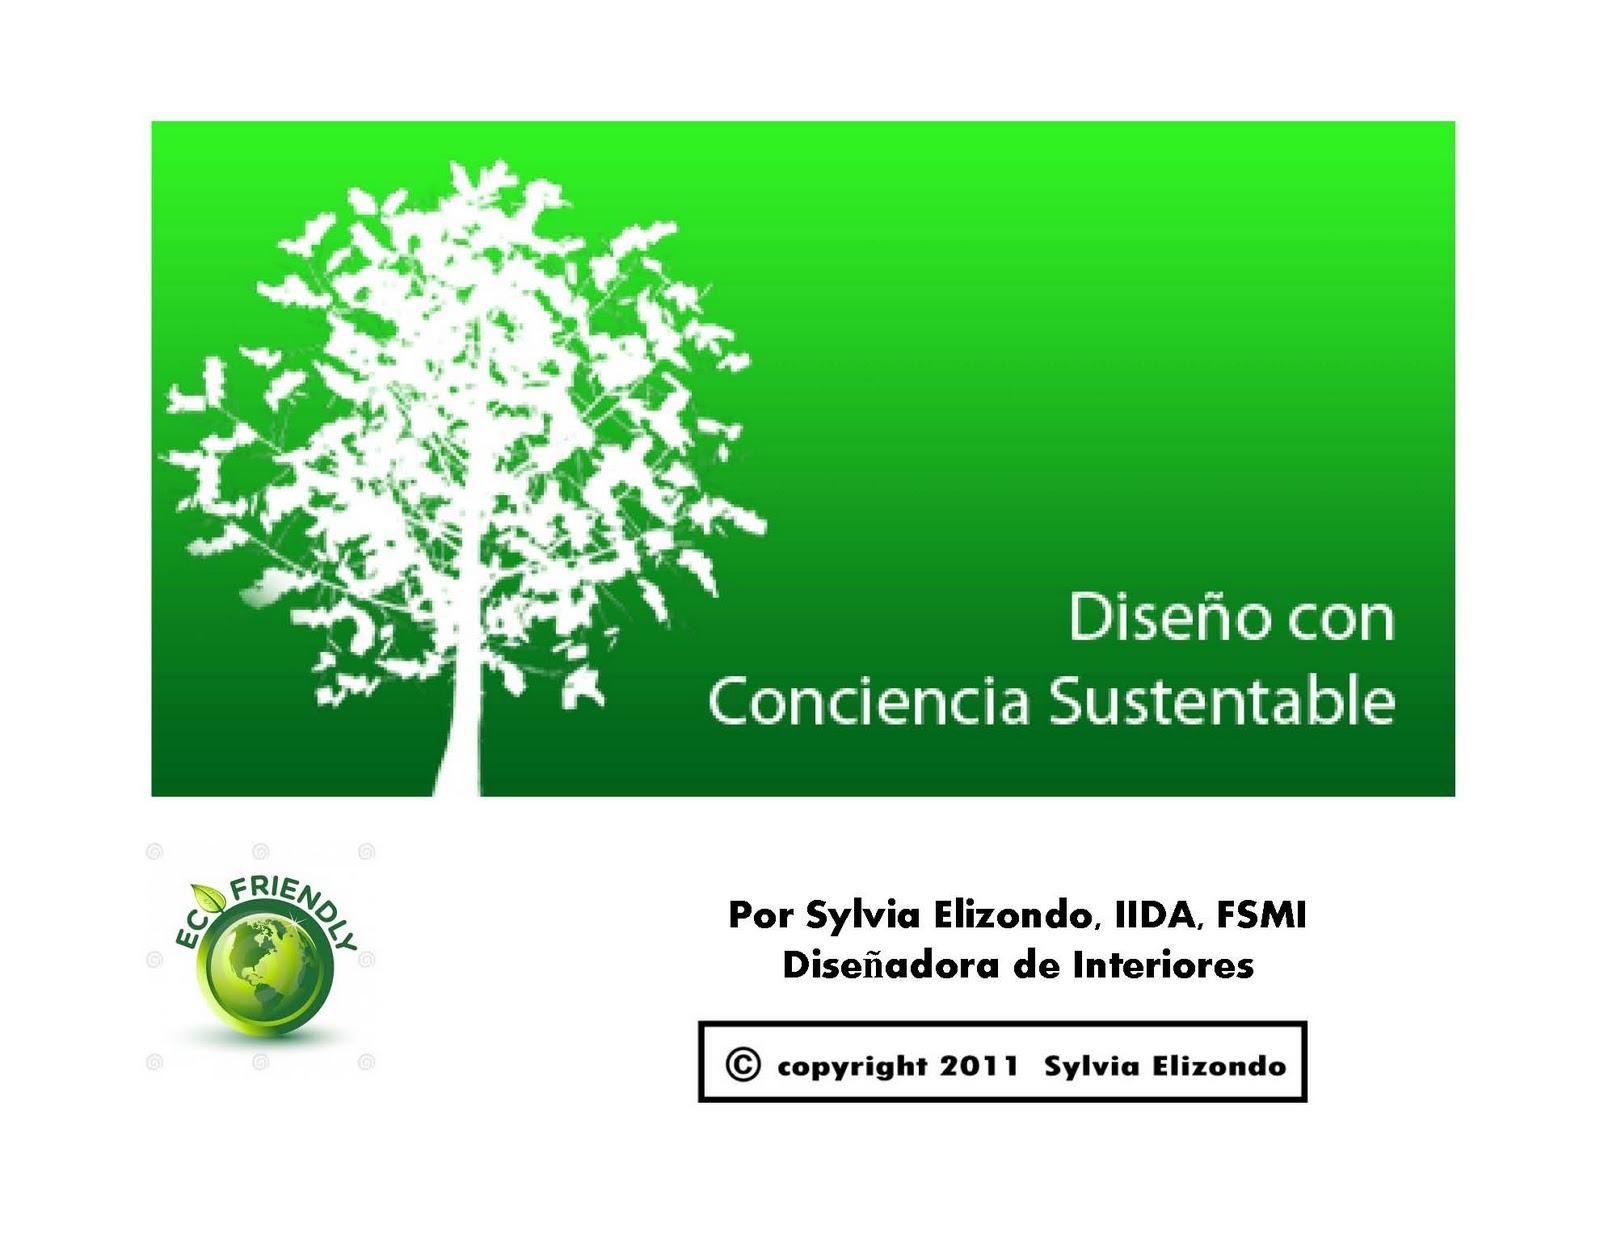 Seminario de interiorismo por sylvia elizondo dise o con for Diseno sustentable